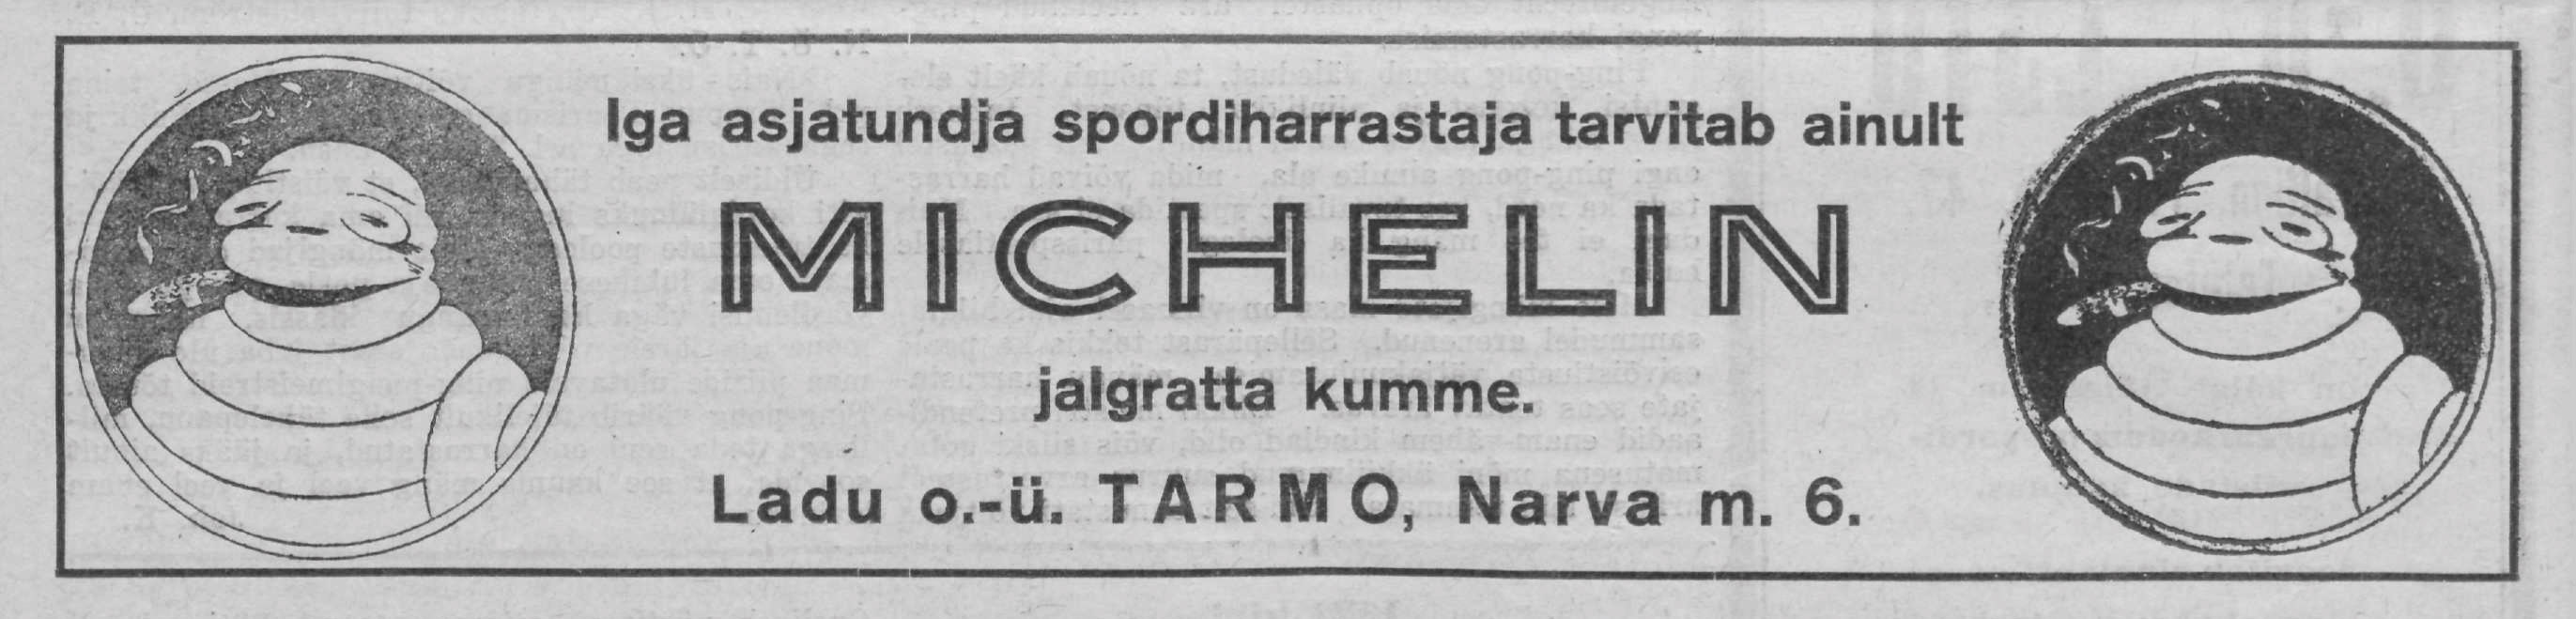 1093-Tarmo-Eesti-Spordileht-168-1926